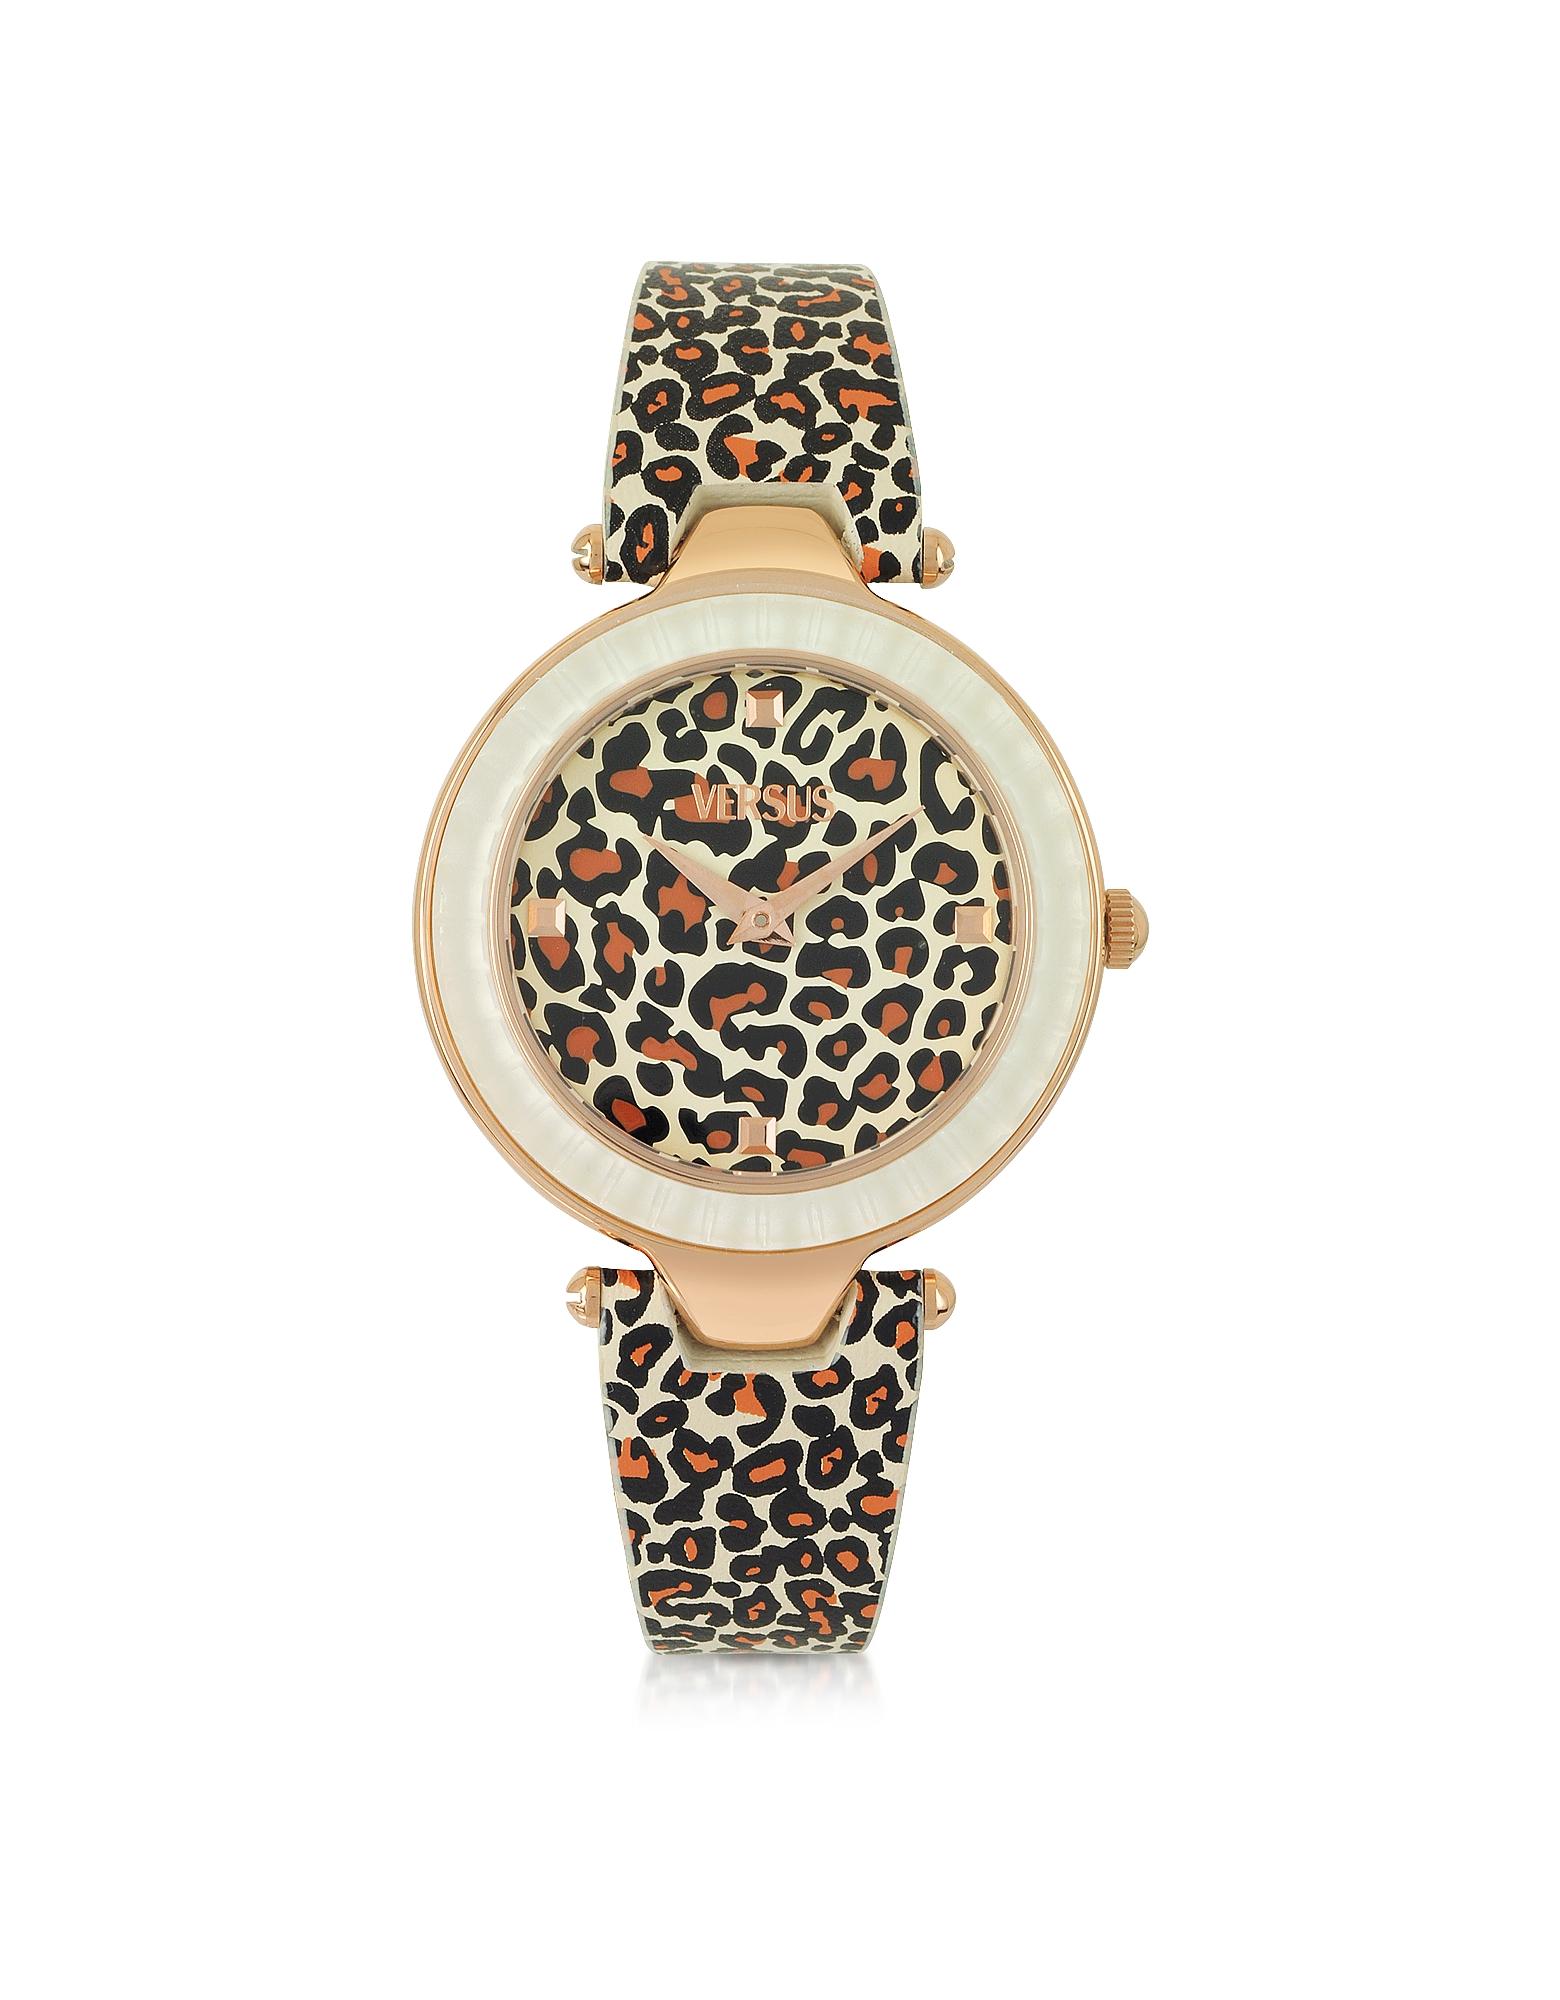 Sertie - Женские Часы из Нержавеющей Стали Оттенка Розового Золота с Леопардовым Принтом